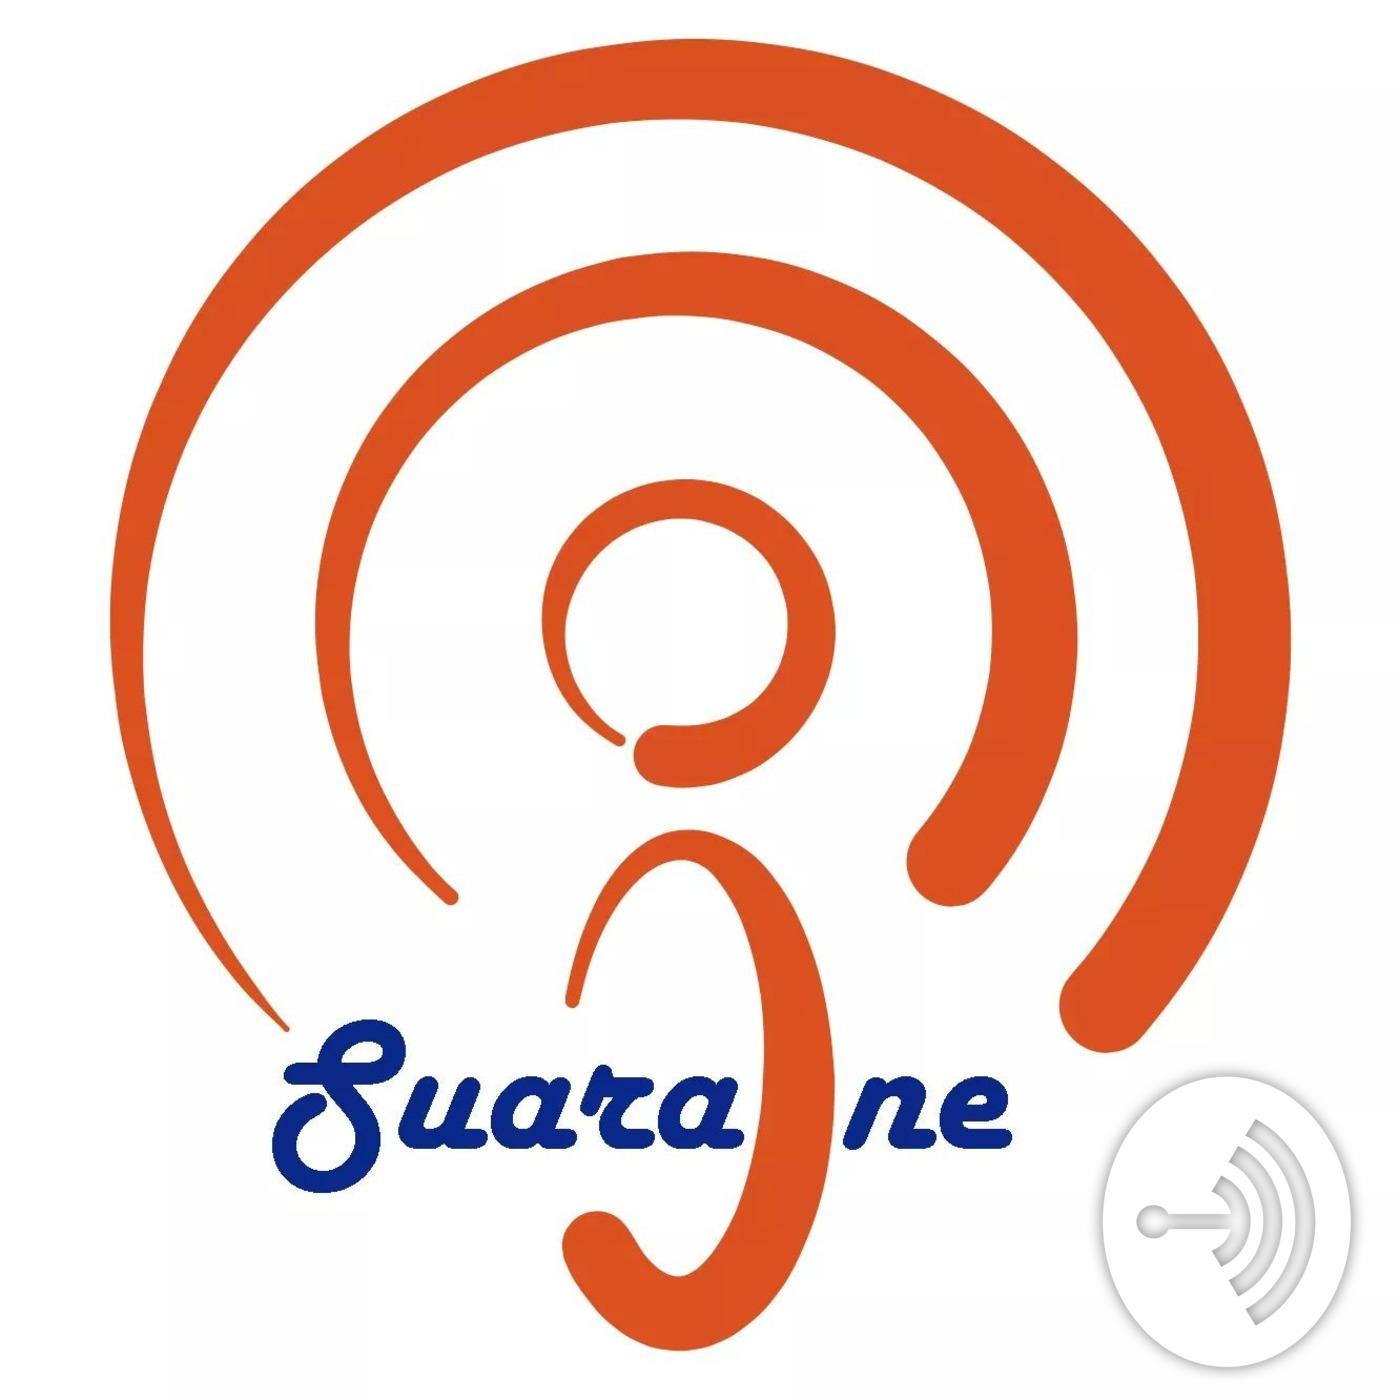 Episode 26: Dua Hal Yang Paling Sering Ditanya Soal Podcast